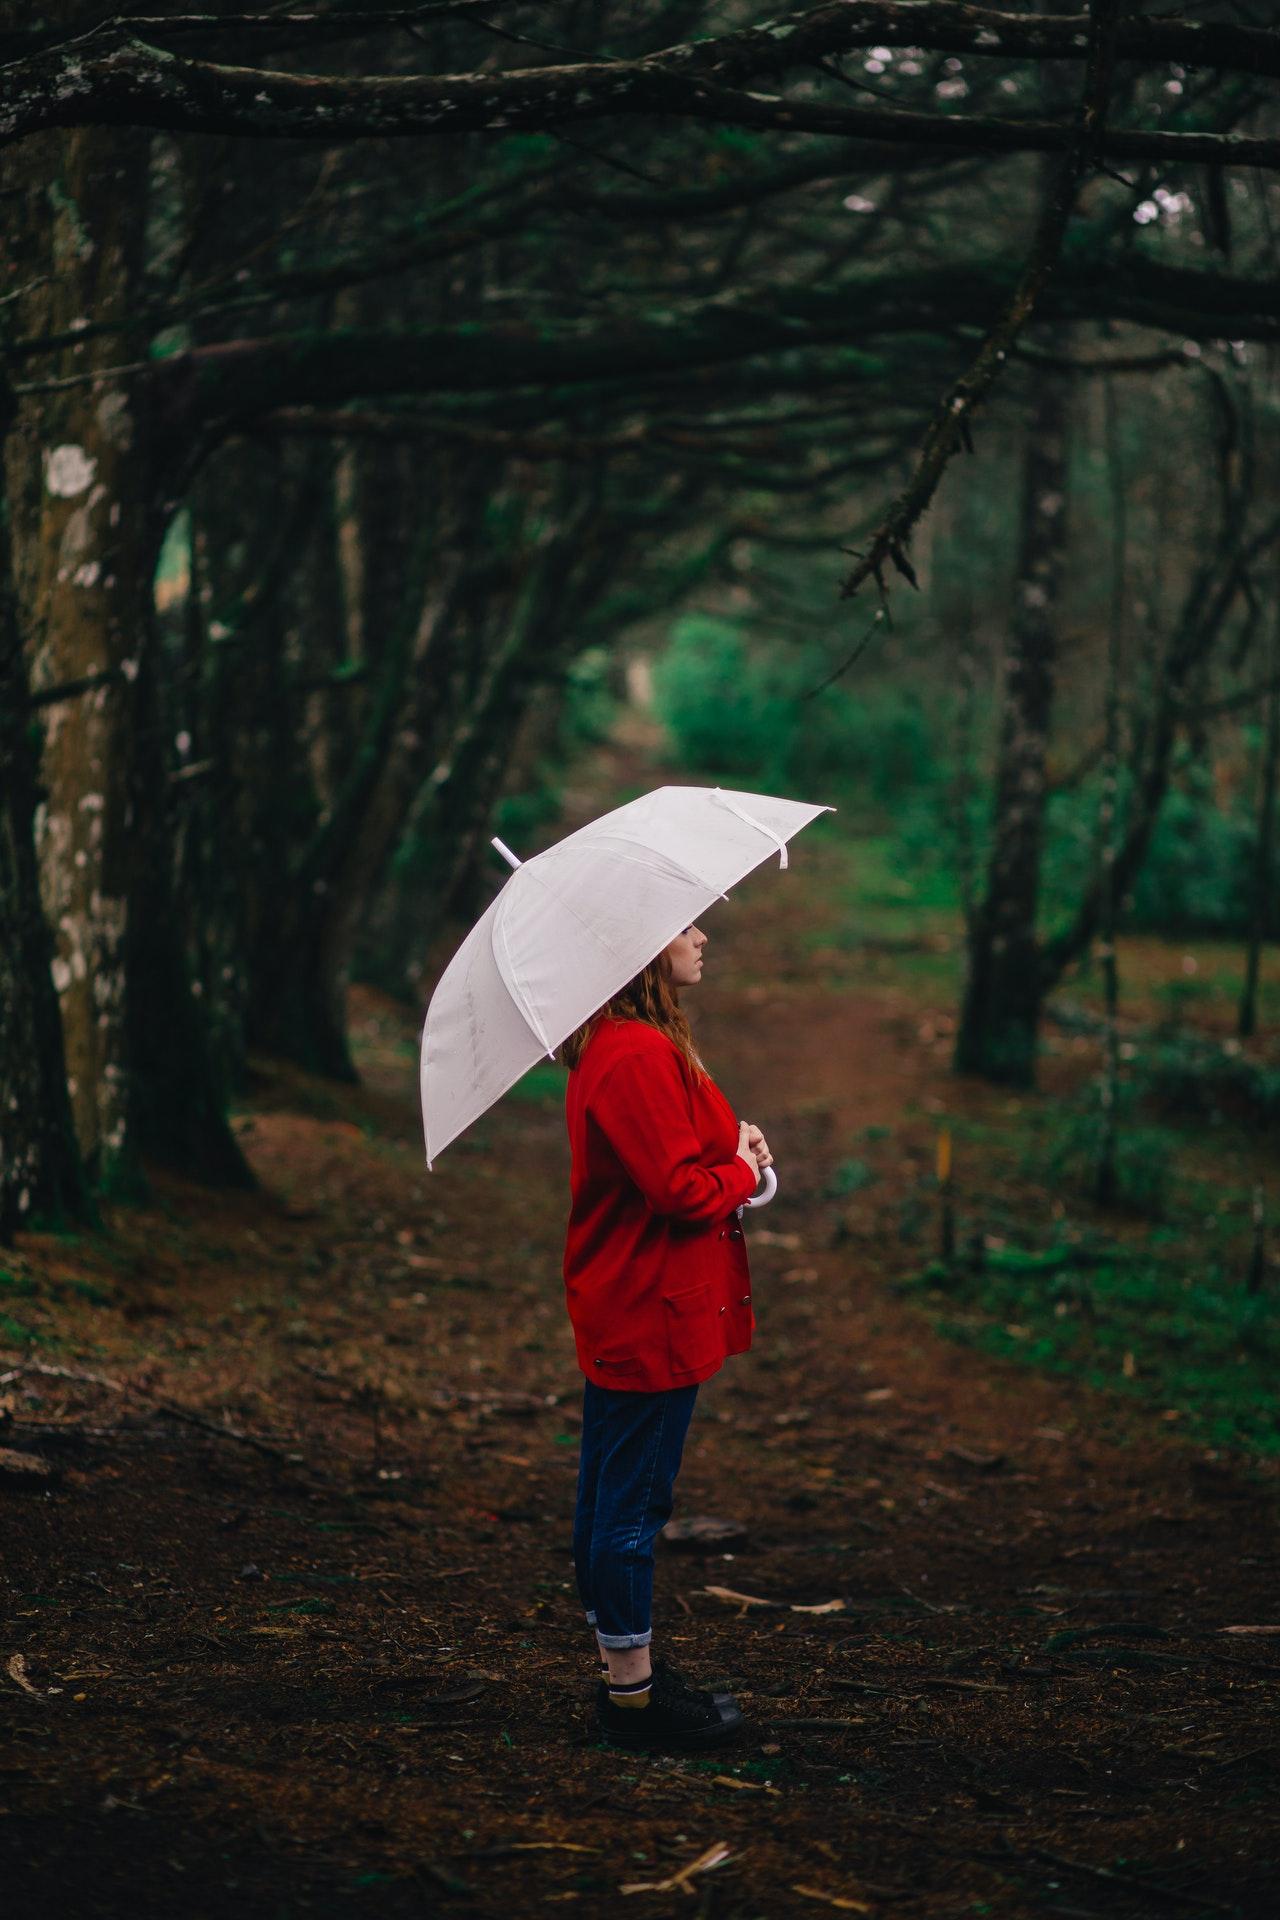 En regnponcho för skydd vid dåligt väder